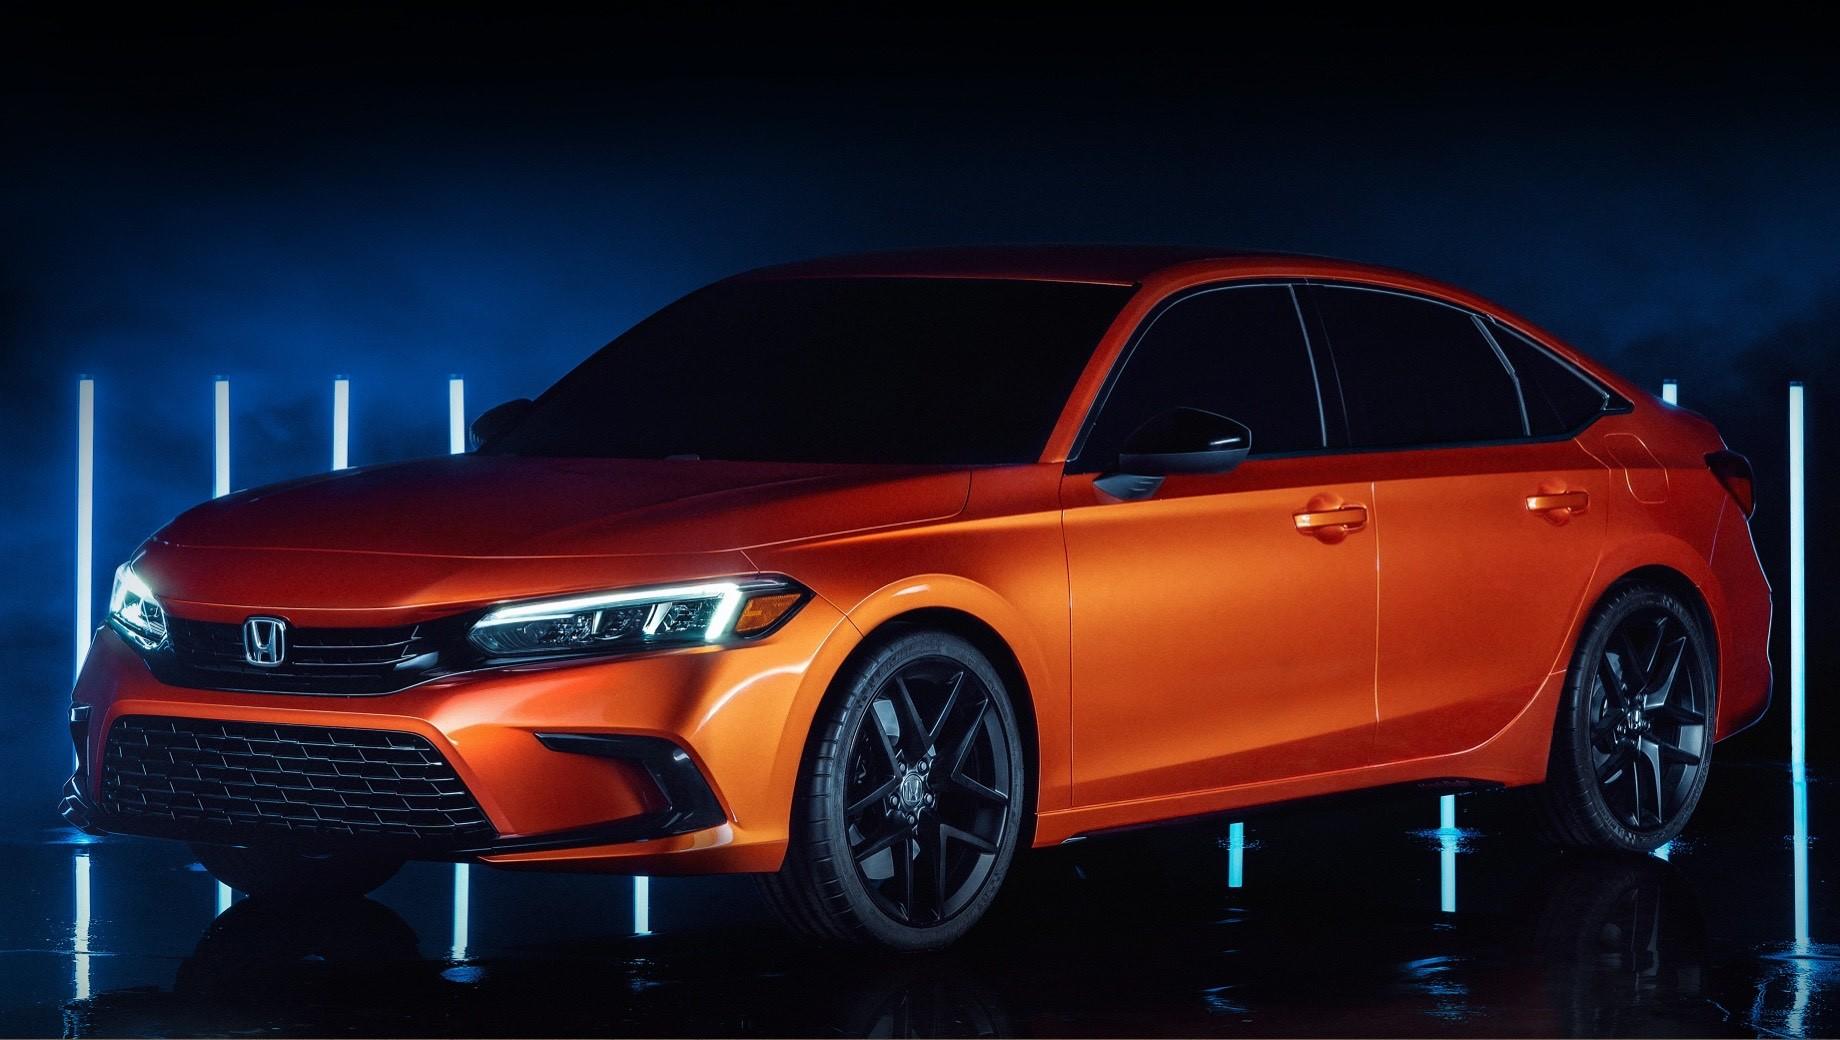 Honda civic. Продажи Сивика новой генерации в США начнутся весной 2021 года. Сначала выйдет обычный седан, затем — хэтчбек, спортверсия четырёхдверки Si и хот-хэтч Civic Type R. Седаны будут по-прежнему делать на заводах в Индиане и Онтарио. А ещё впервые на североамериканском предприятии наладят выпуск пятидверки, которую ранее поставляли из Англии.